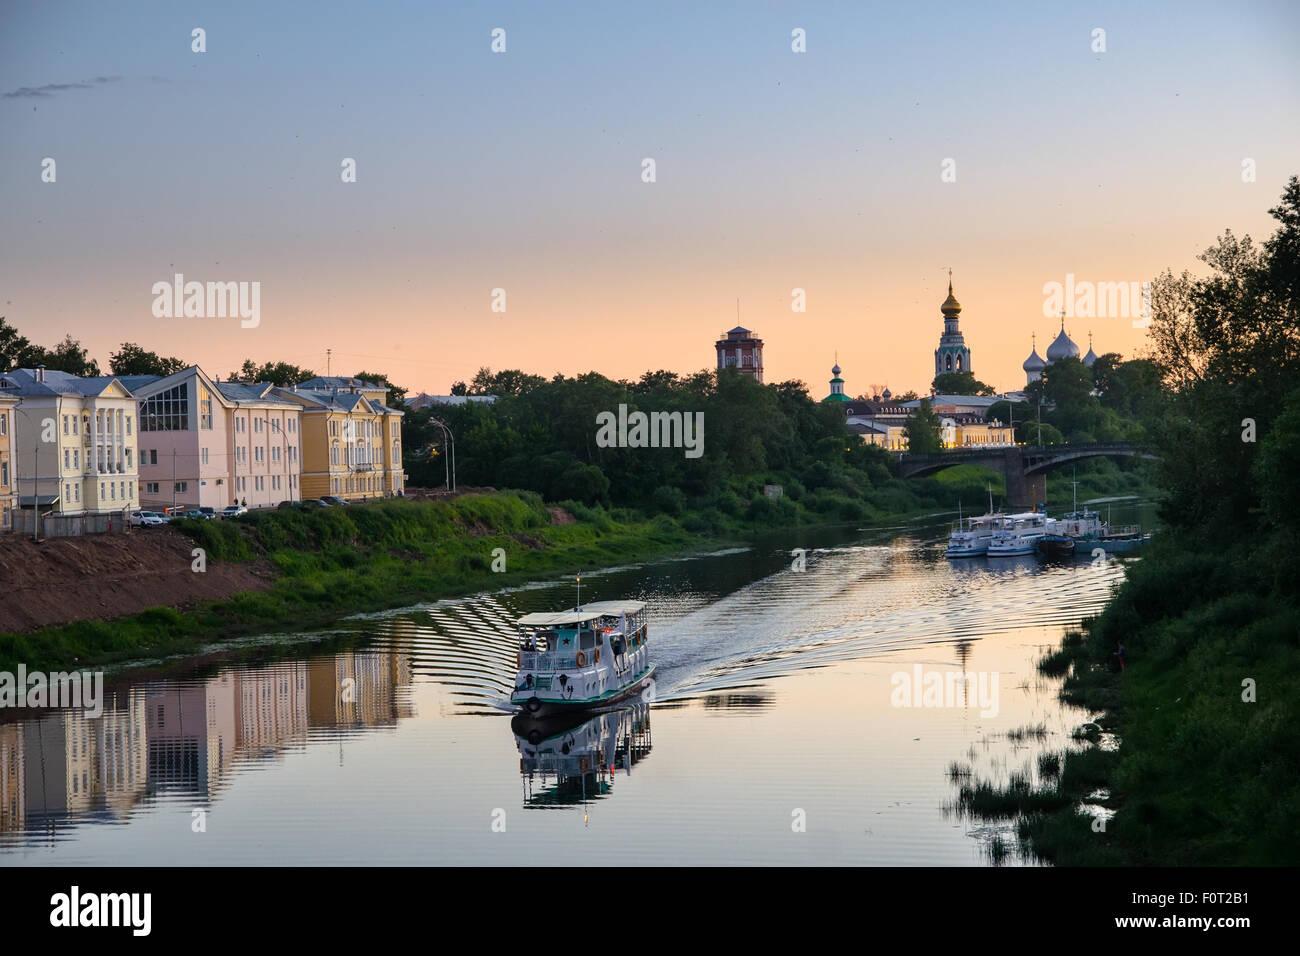 El barco flota sobre el río. Rusia. Ciudad Vologda Imagen De Stock